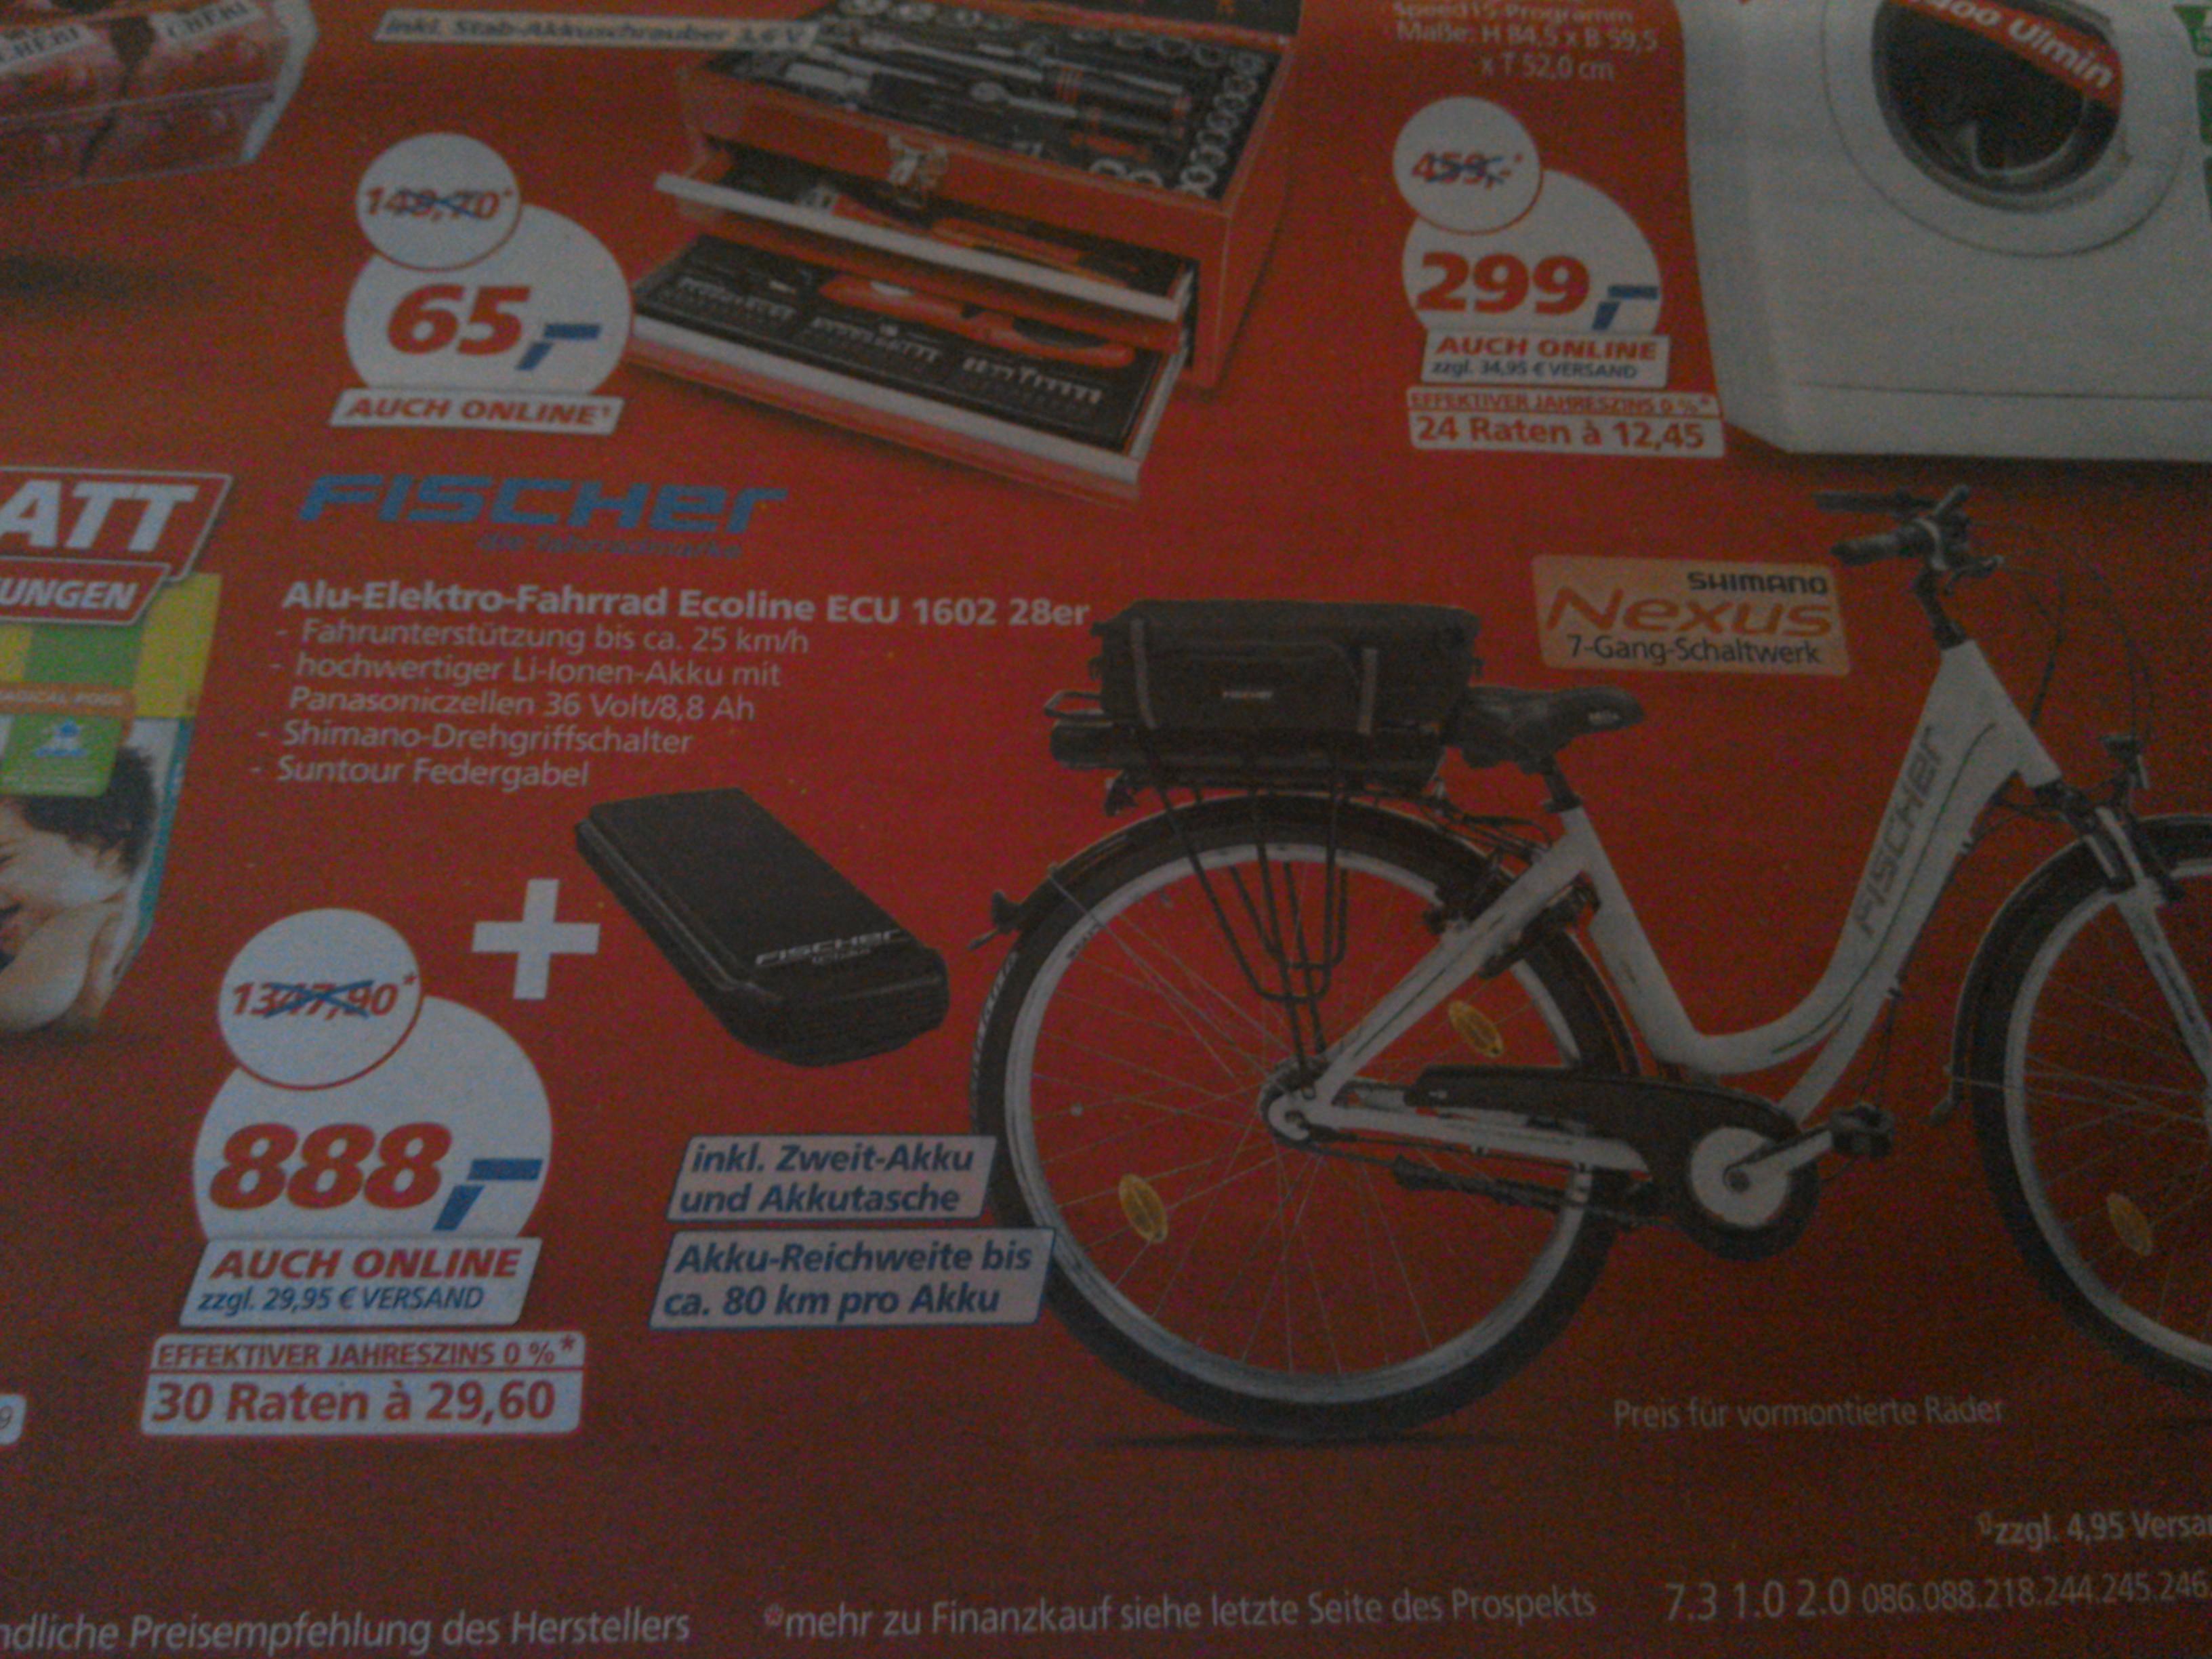 Fischer Fahrrad Ecoline 1602 mit zweitem 8,8 Ah Akku für 888€ bei Real